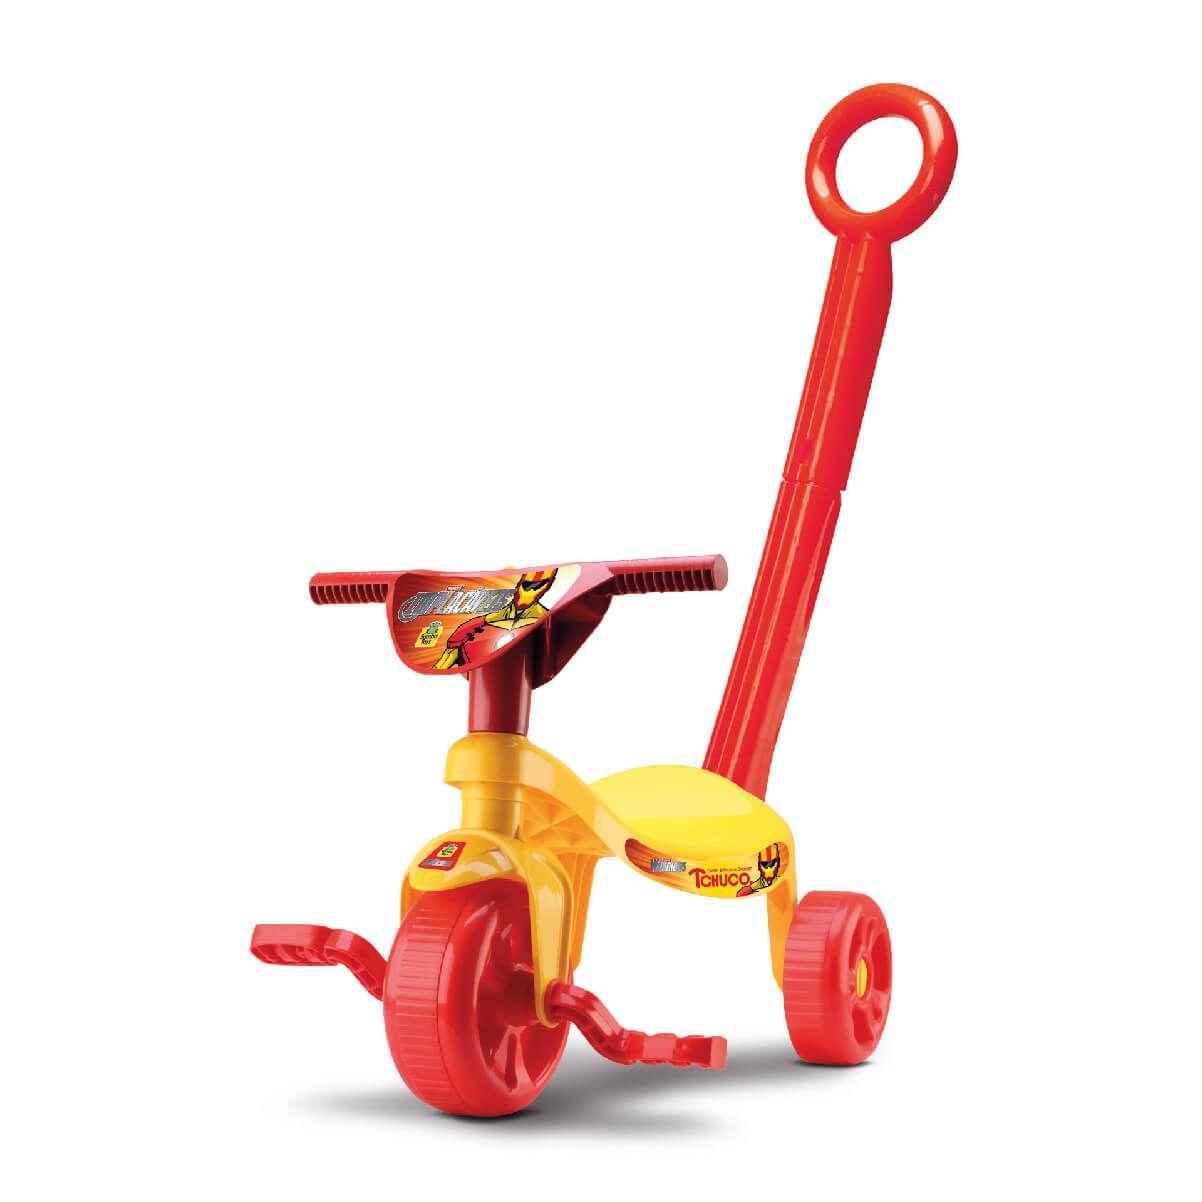 Triciclo Tchuco Implacáveis Amarelo Com Haste 0629 Samba Toys